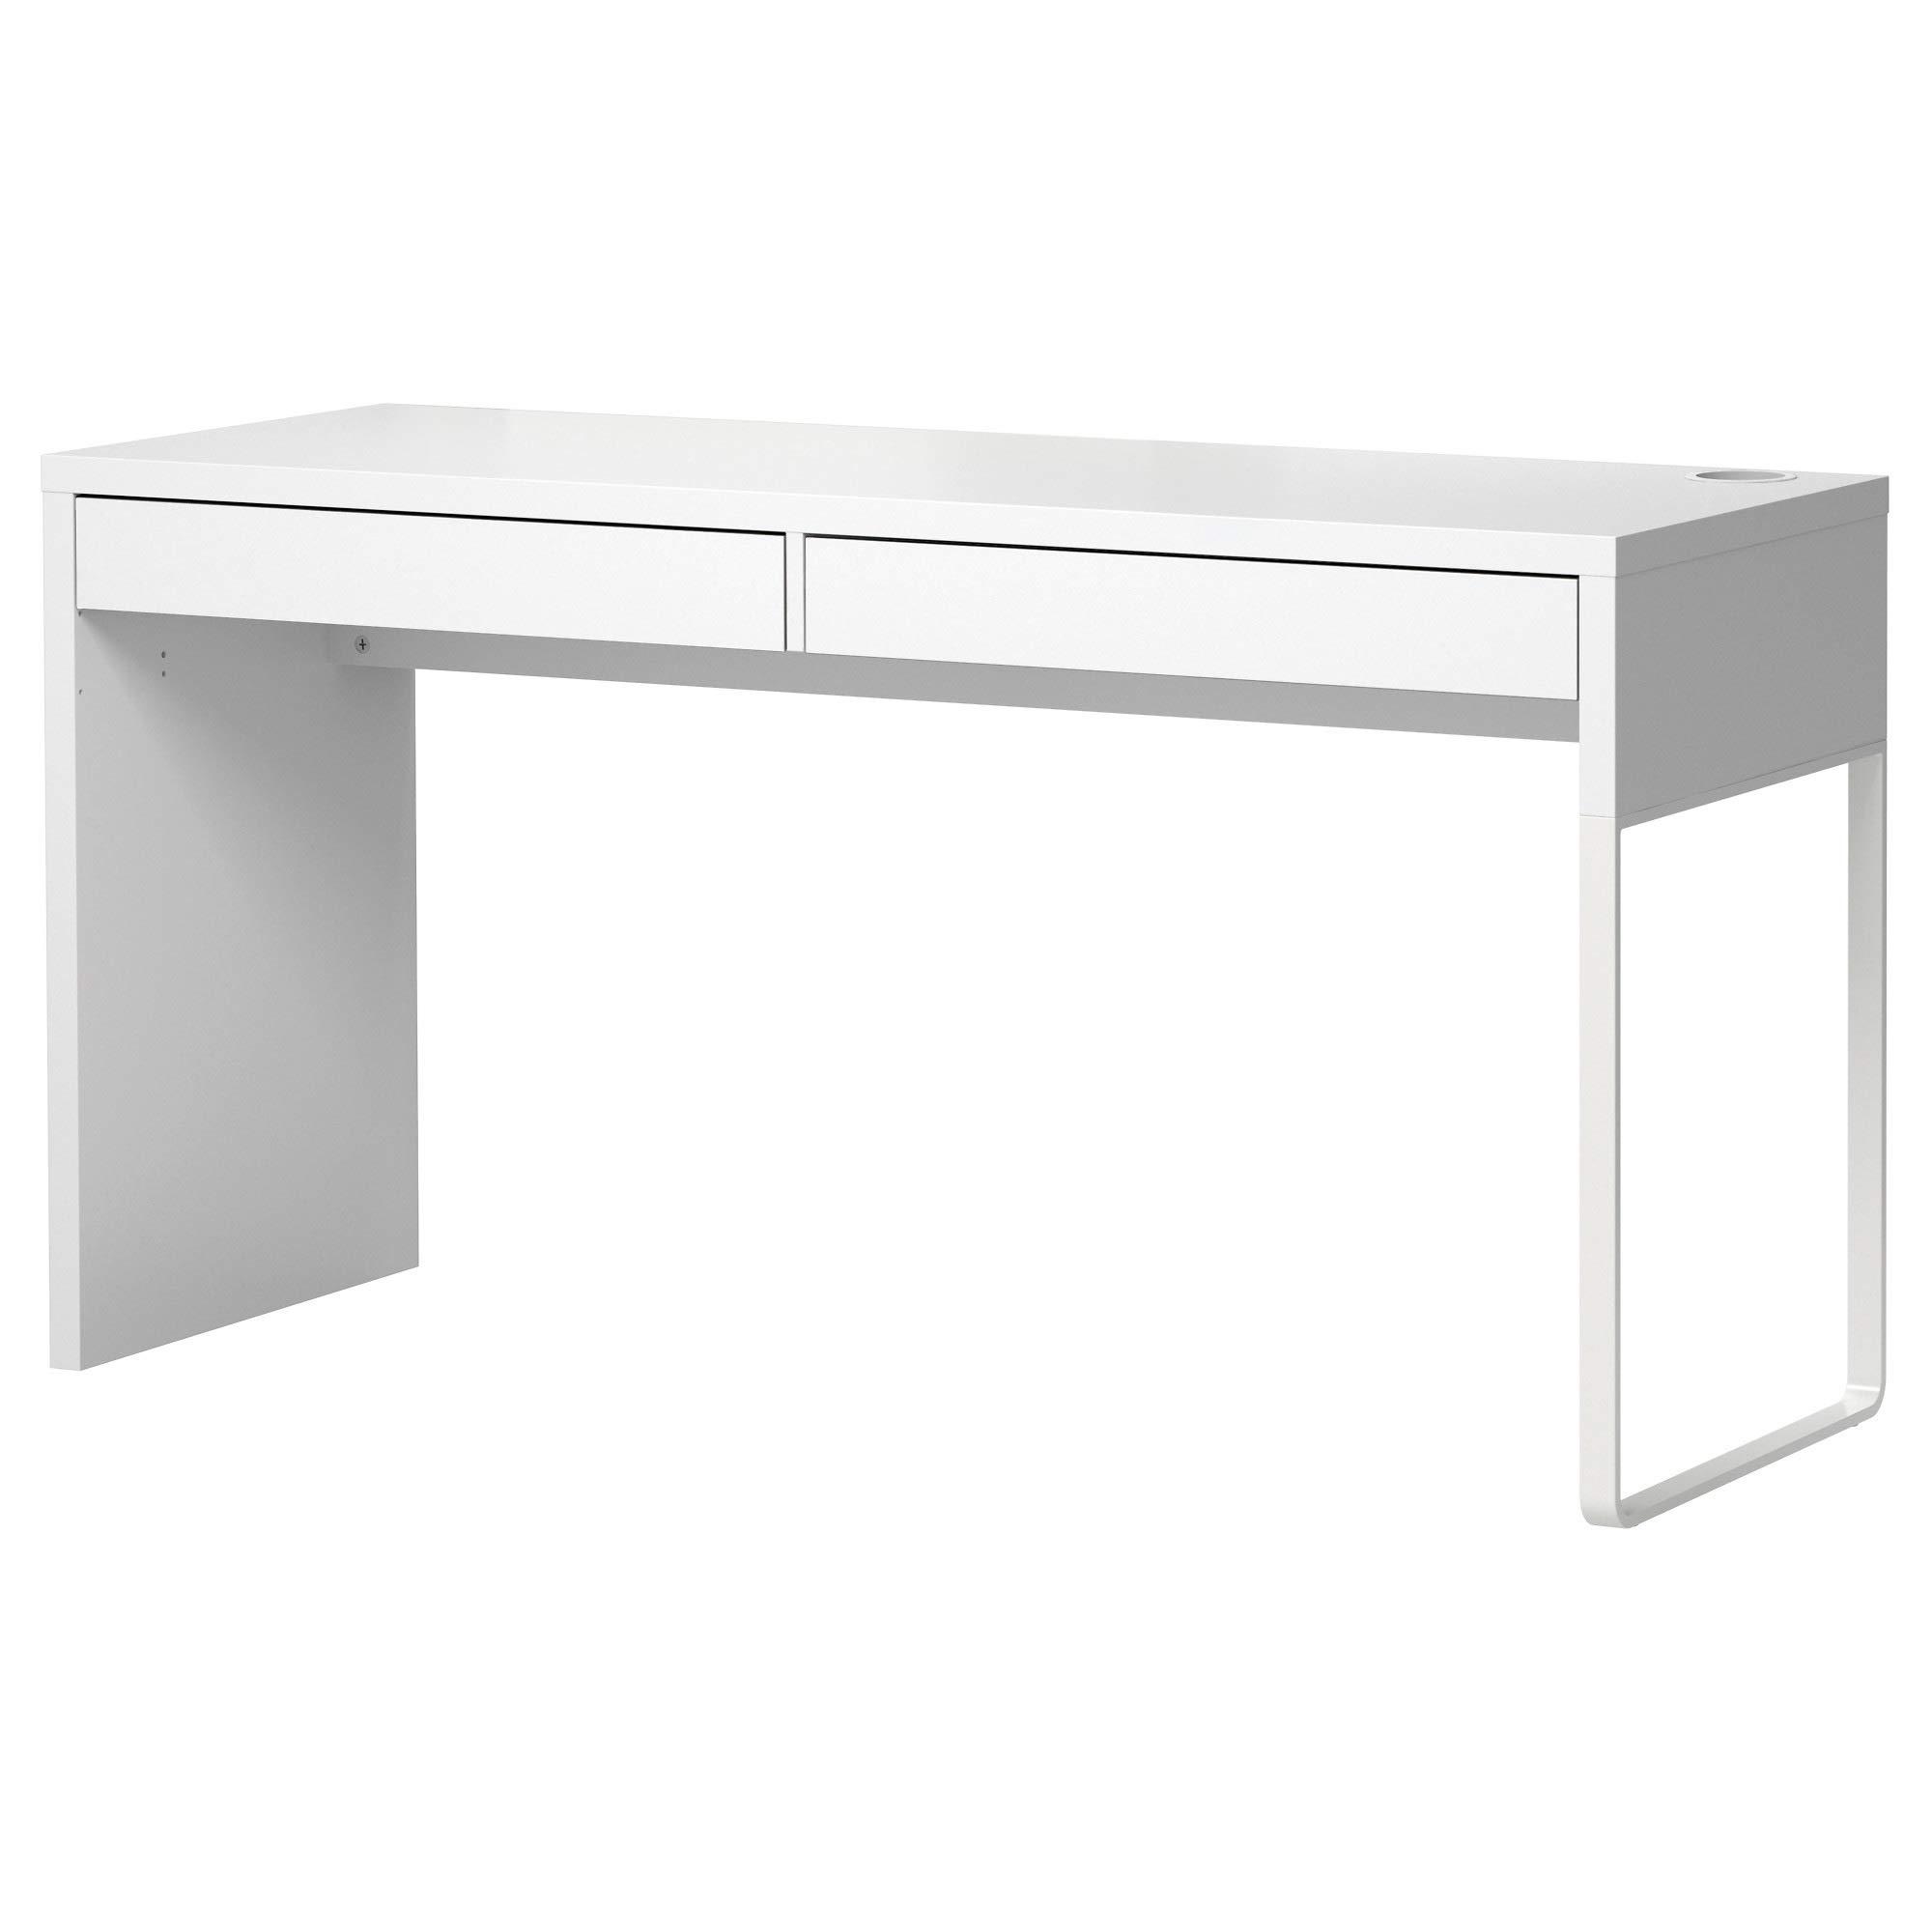 IKEA MICKE 902.143.08 Desk, White/ by IKEA